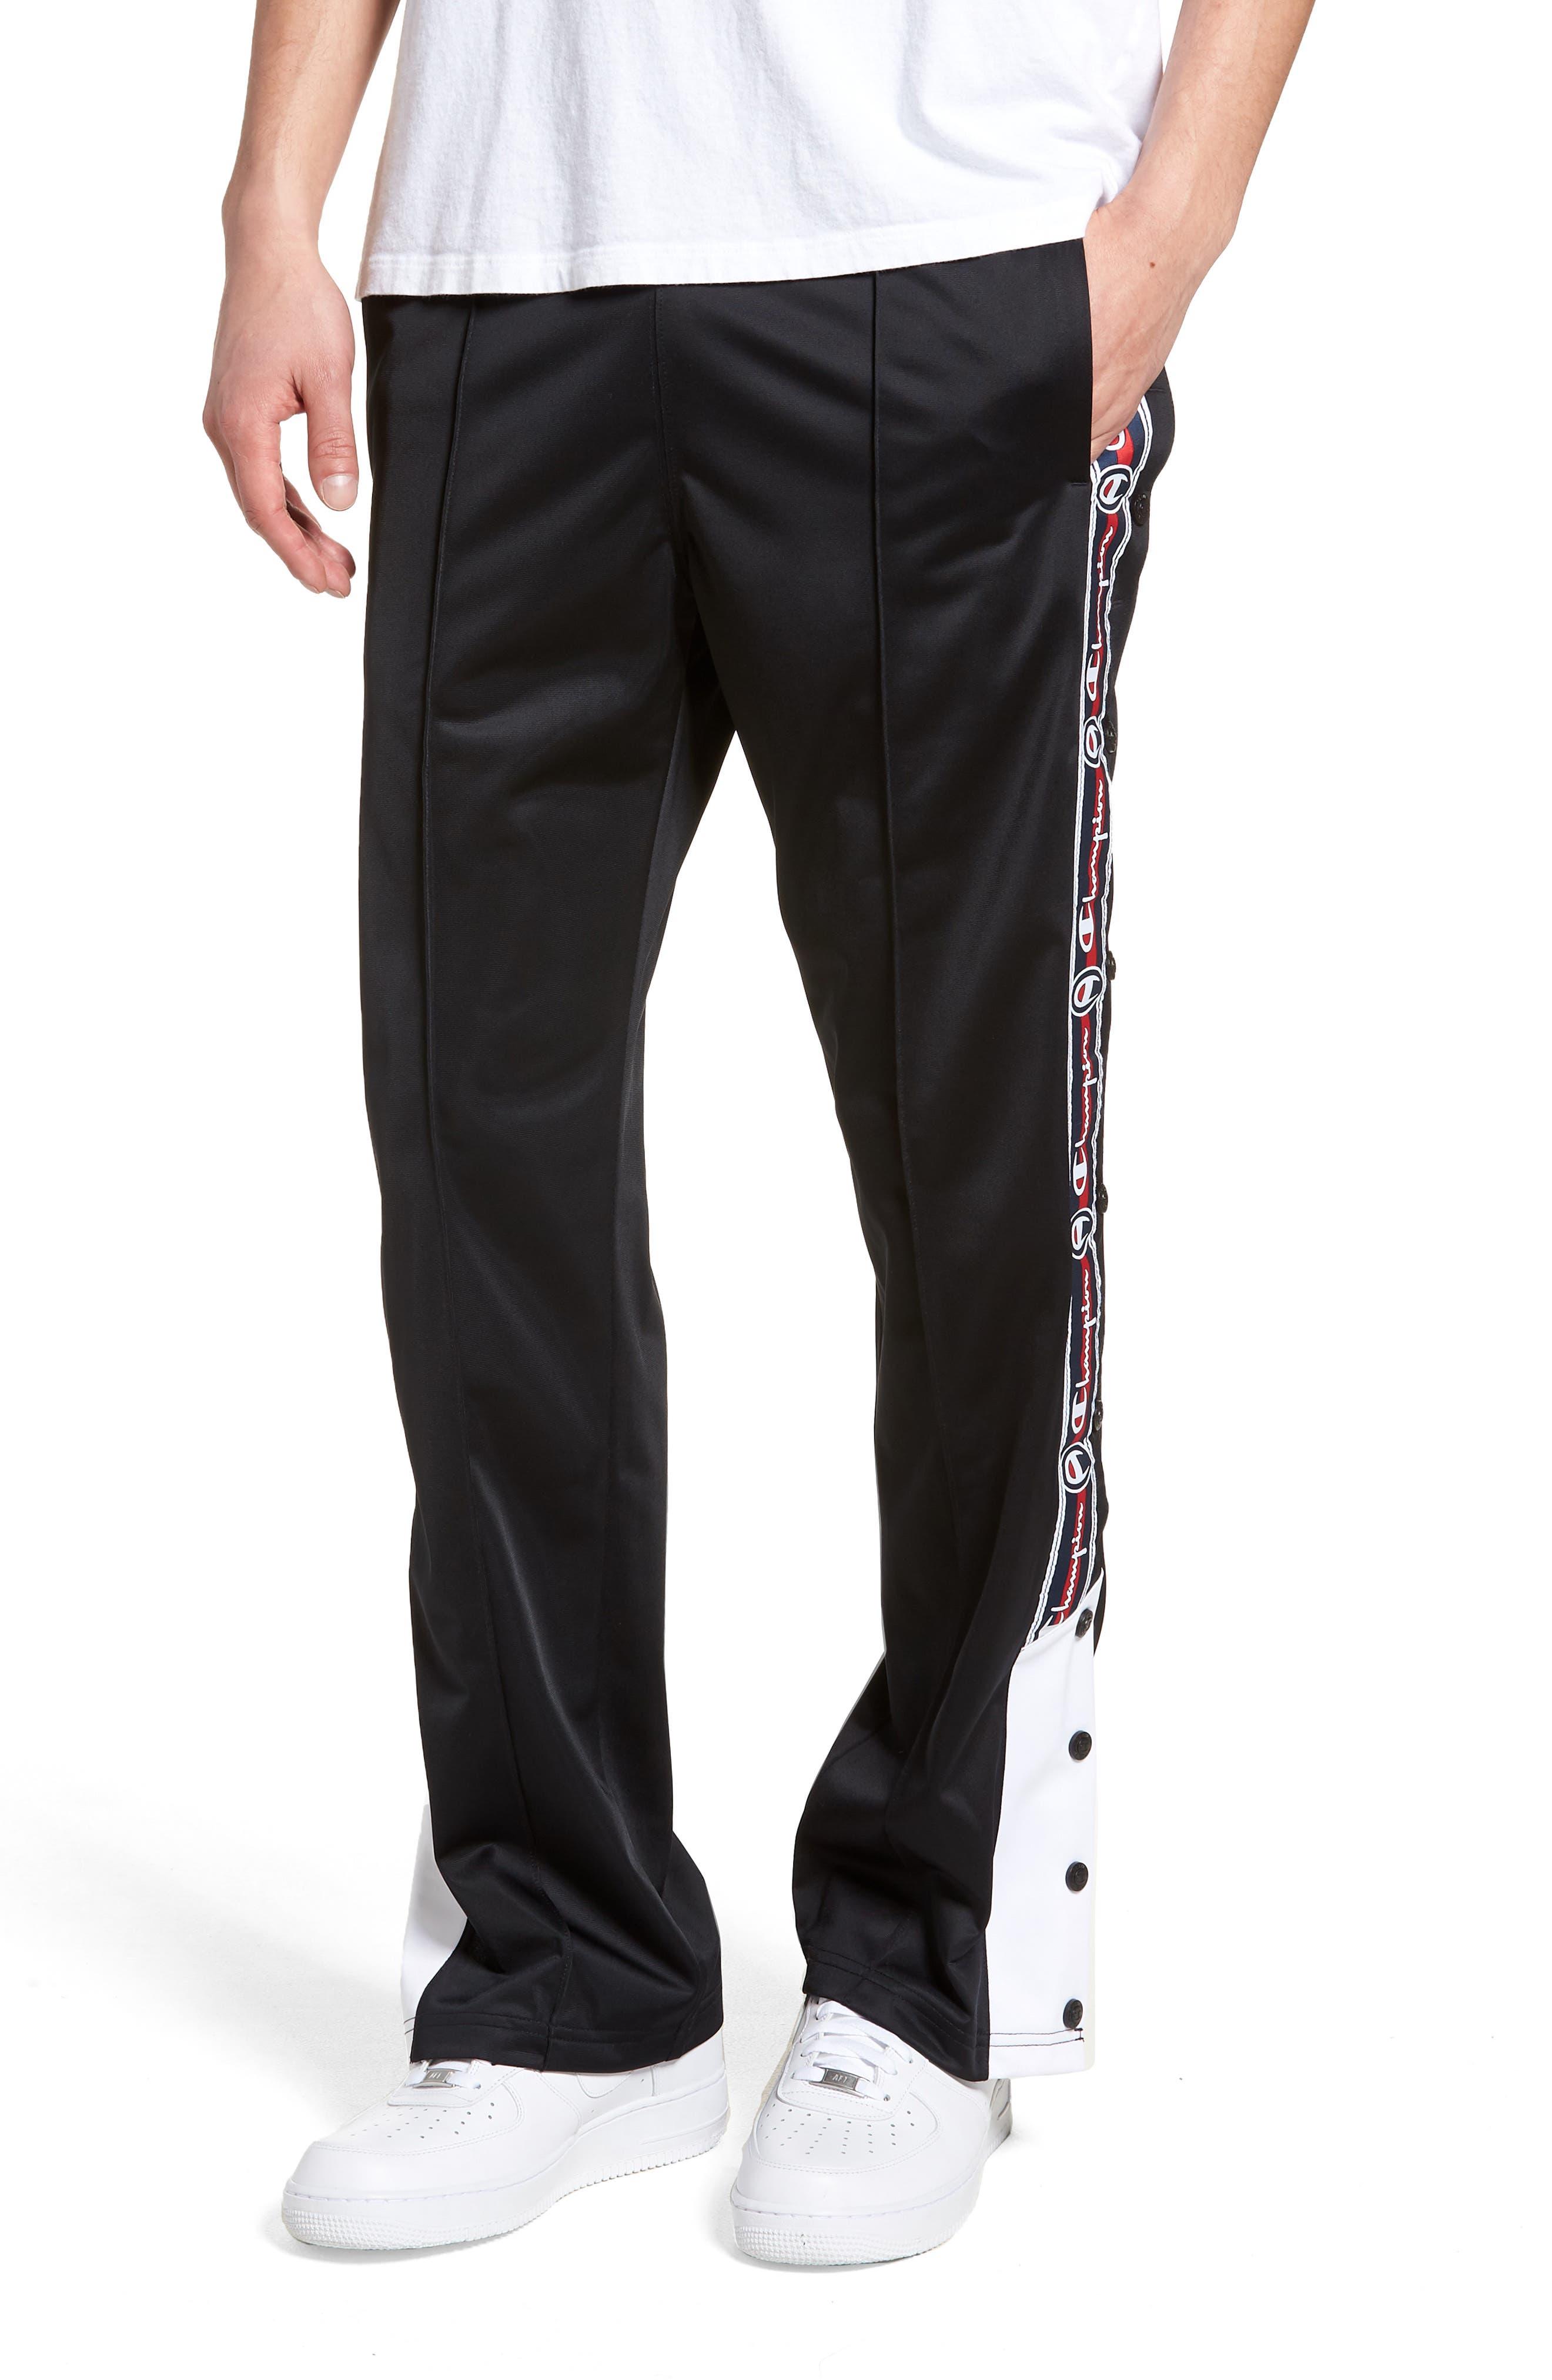 Polywarp Knit Pants,                         Main,                         color, 001